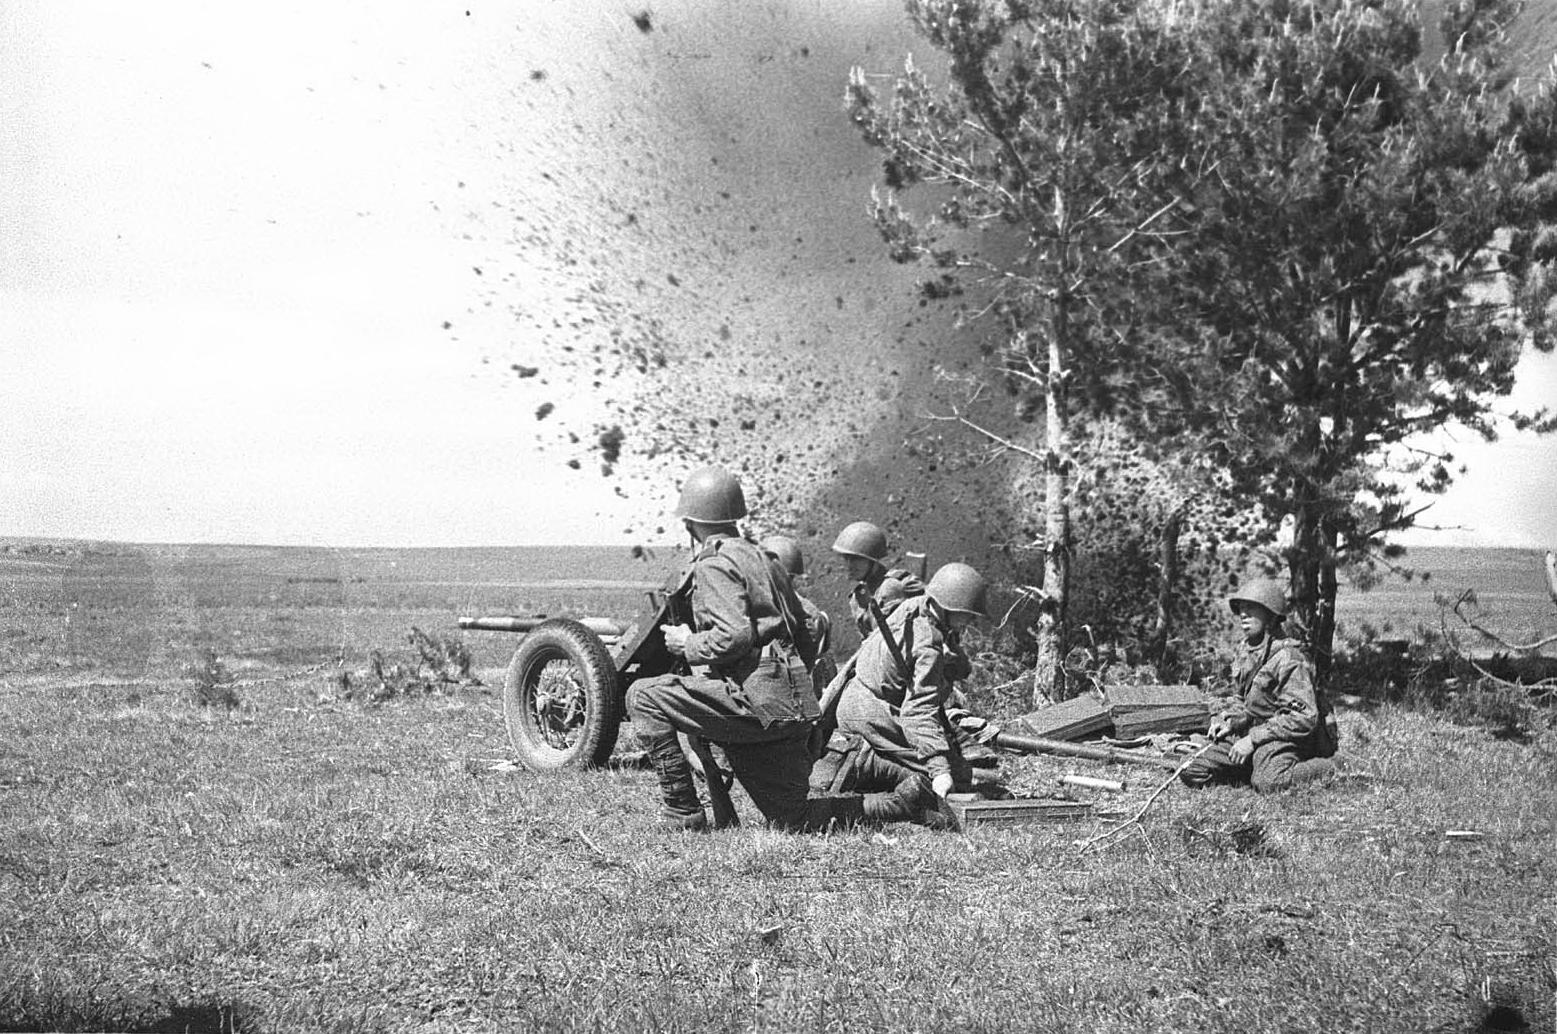 45-мм противотанковая пушка в бою. ИПТА